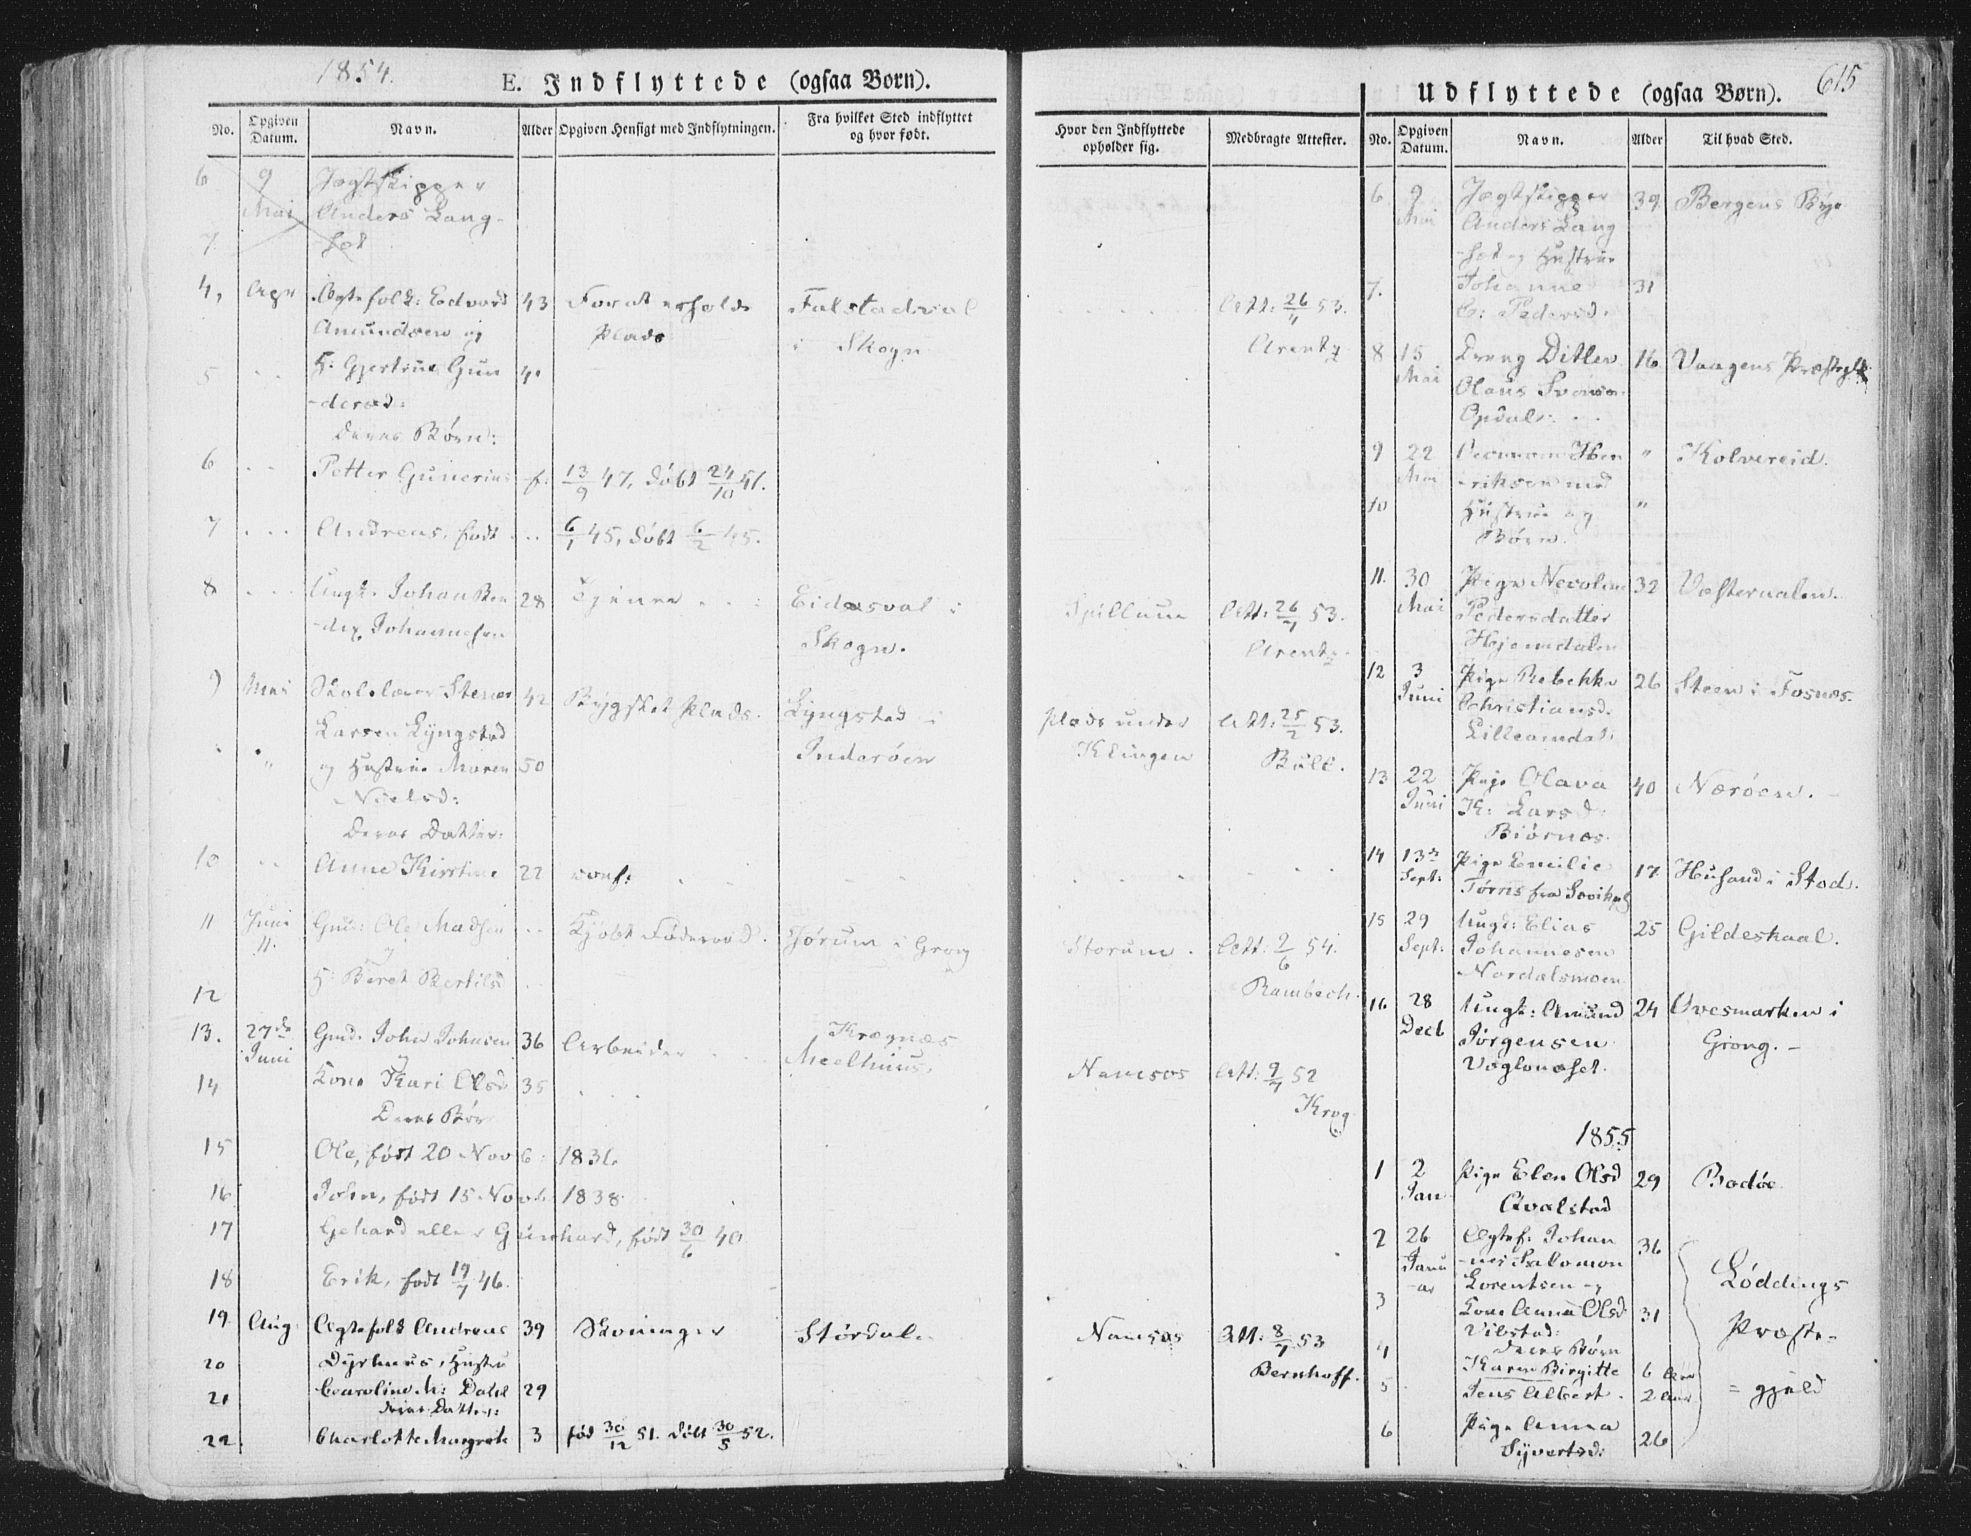 SAT, Ministerialprotokoller, klokkerbøker og fødselsregistre - Nord-Trøndelag, 764/L0552: Ministerialbok nr. 764A07b, 1824-1865, s. 615